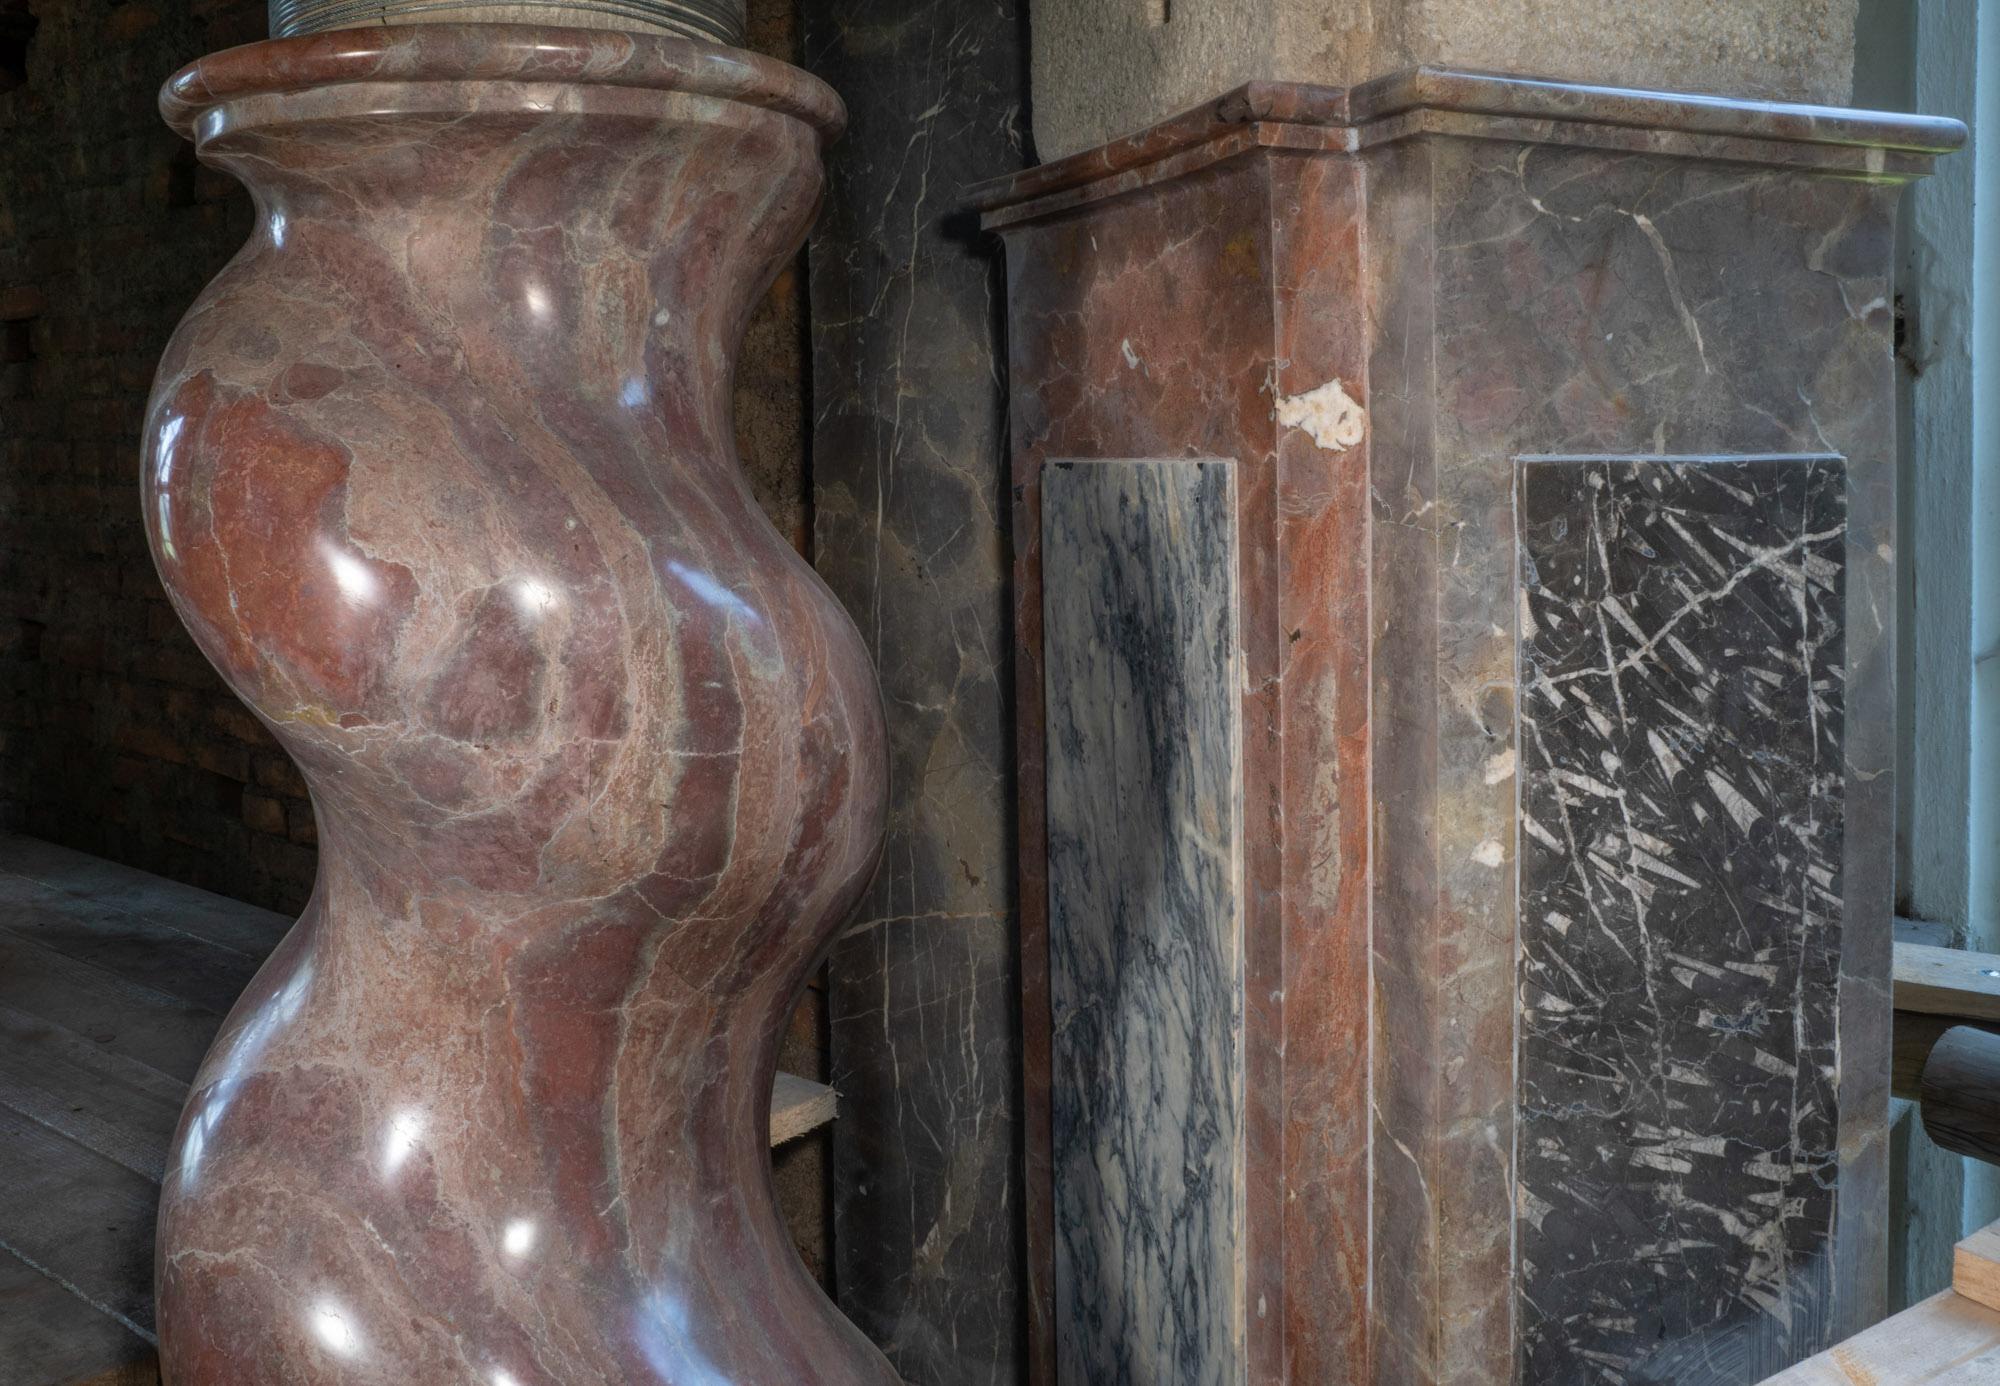 Foto: Säulen am Altar der Klosterkirche von Teplá, Tschechien. ©TUM